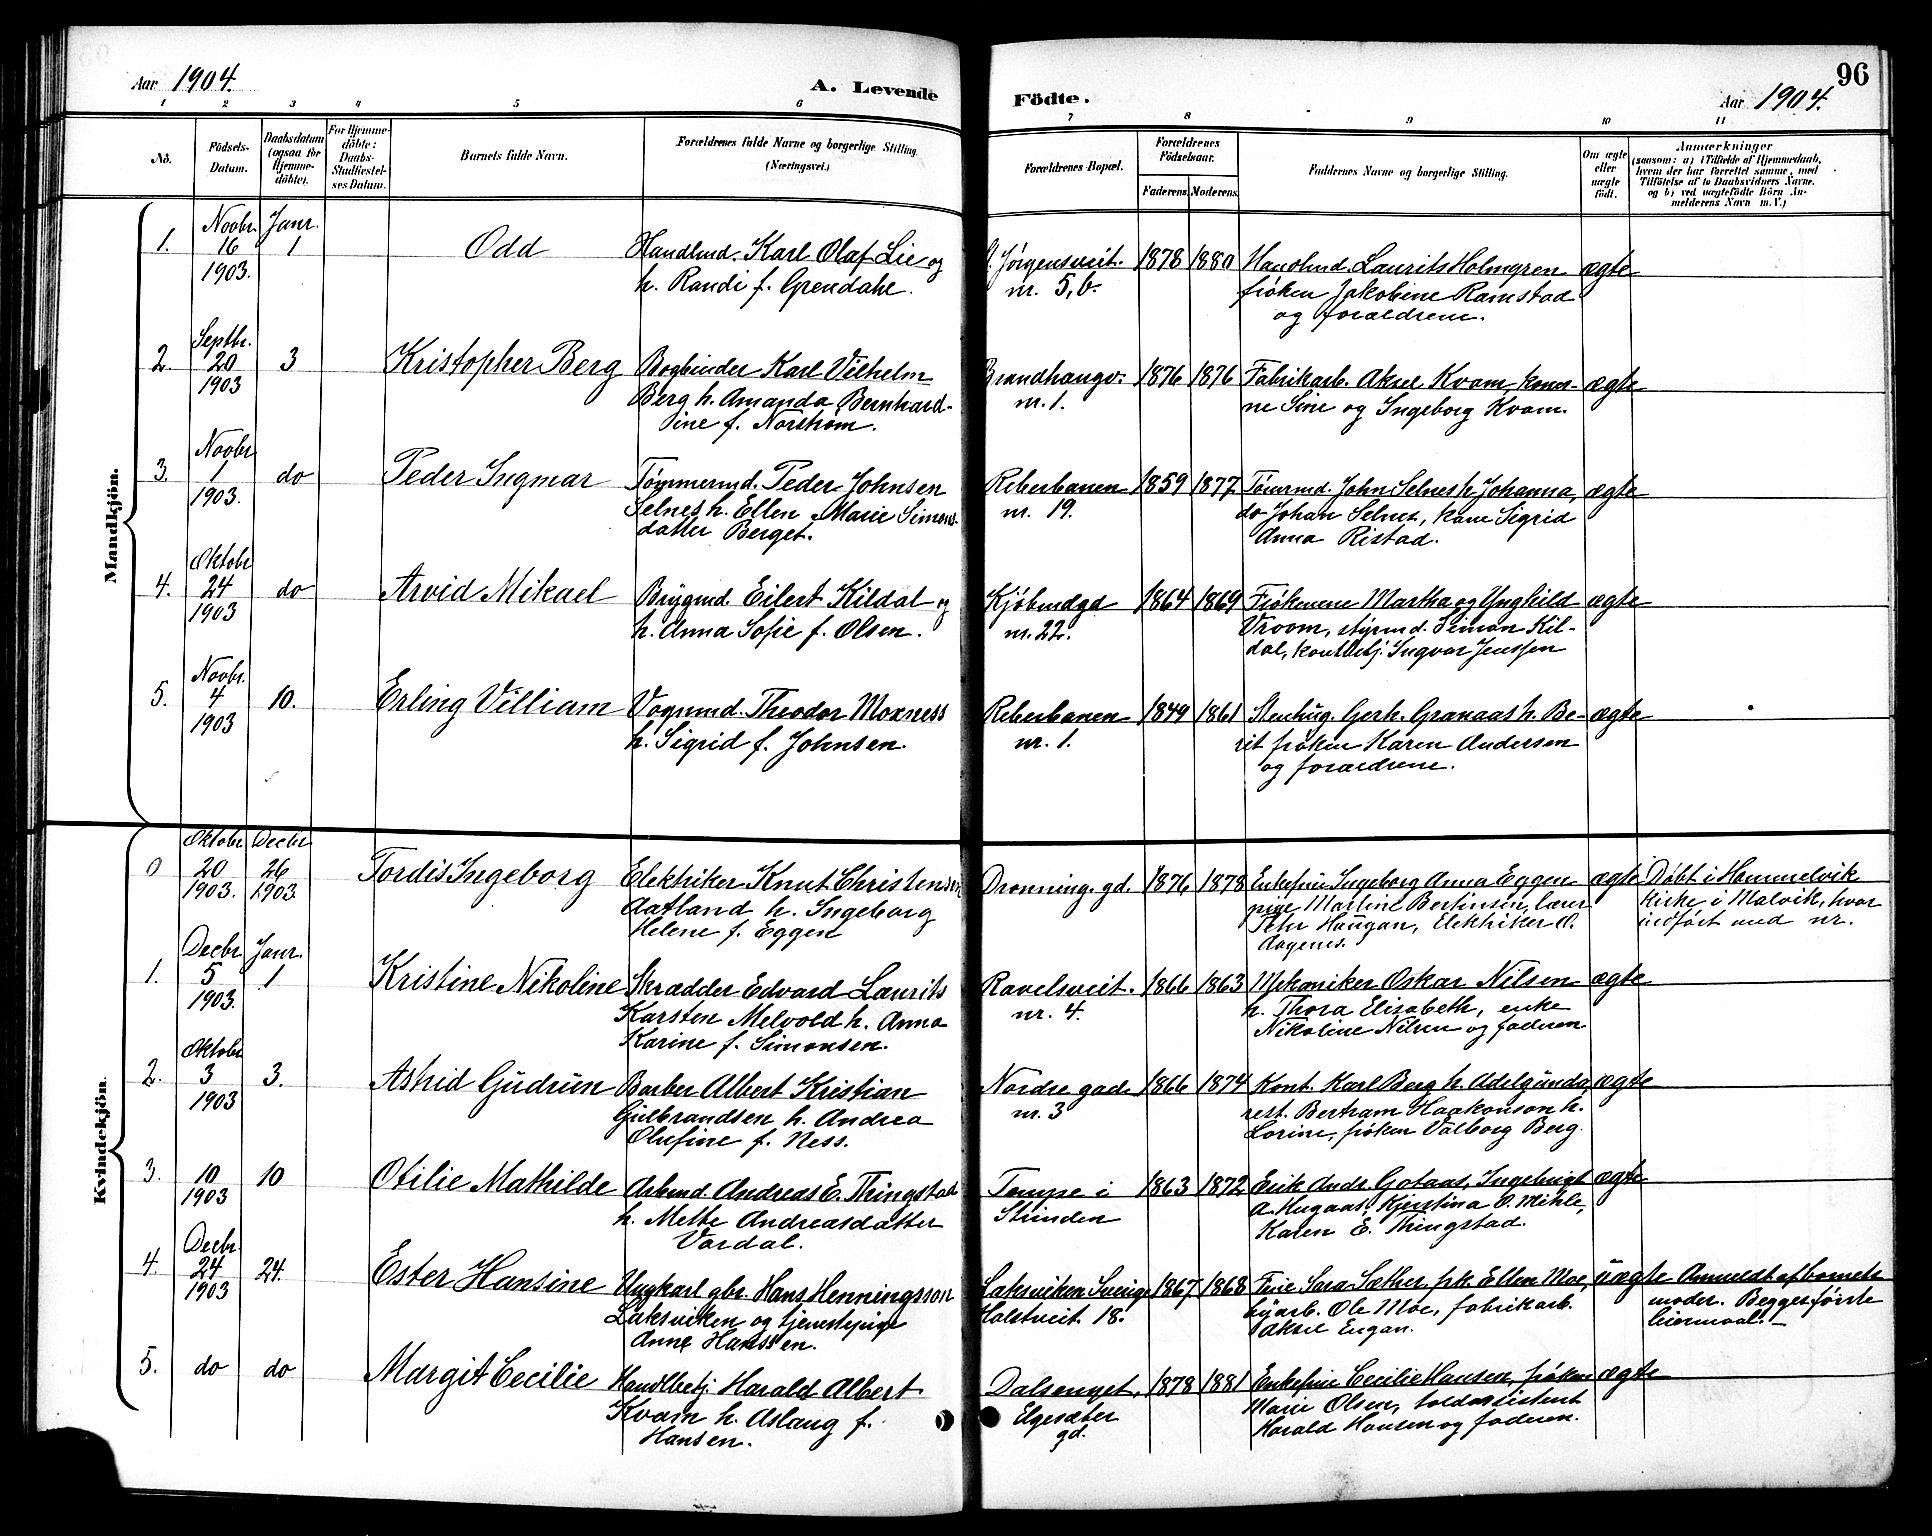 SAT, Ministerialprotokoller, klokkerbøker og fødselsregistre - Sør-Trøndelag, 601/L0094: Klokkerbok nr. 601C12, 1898-1911, s. 96